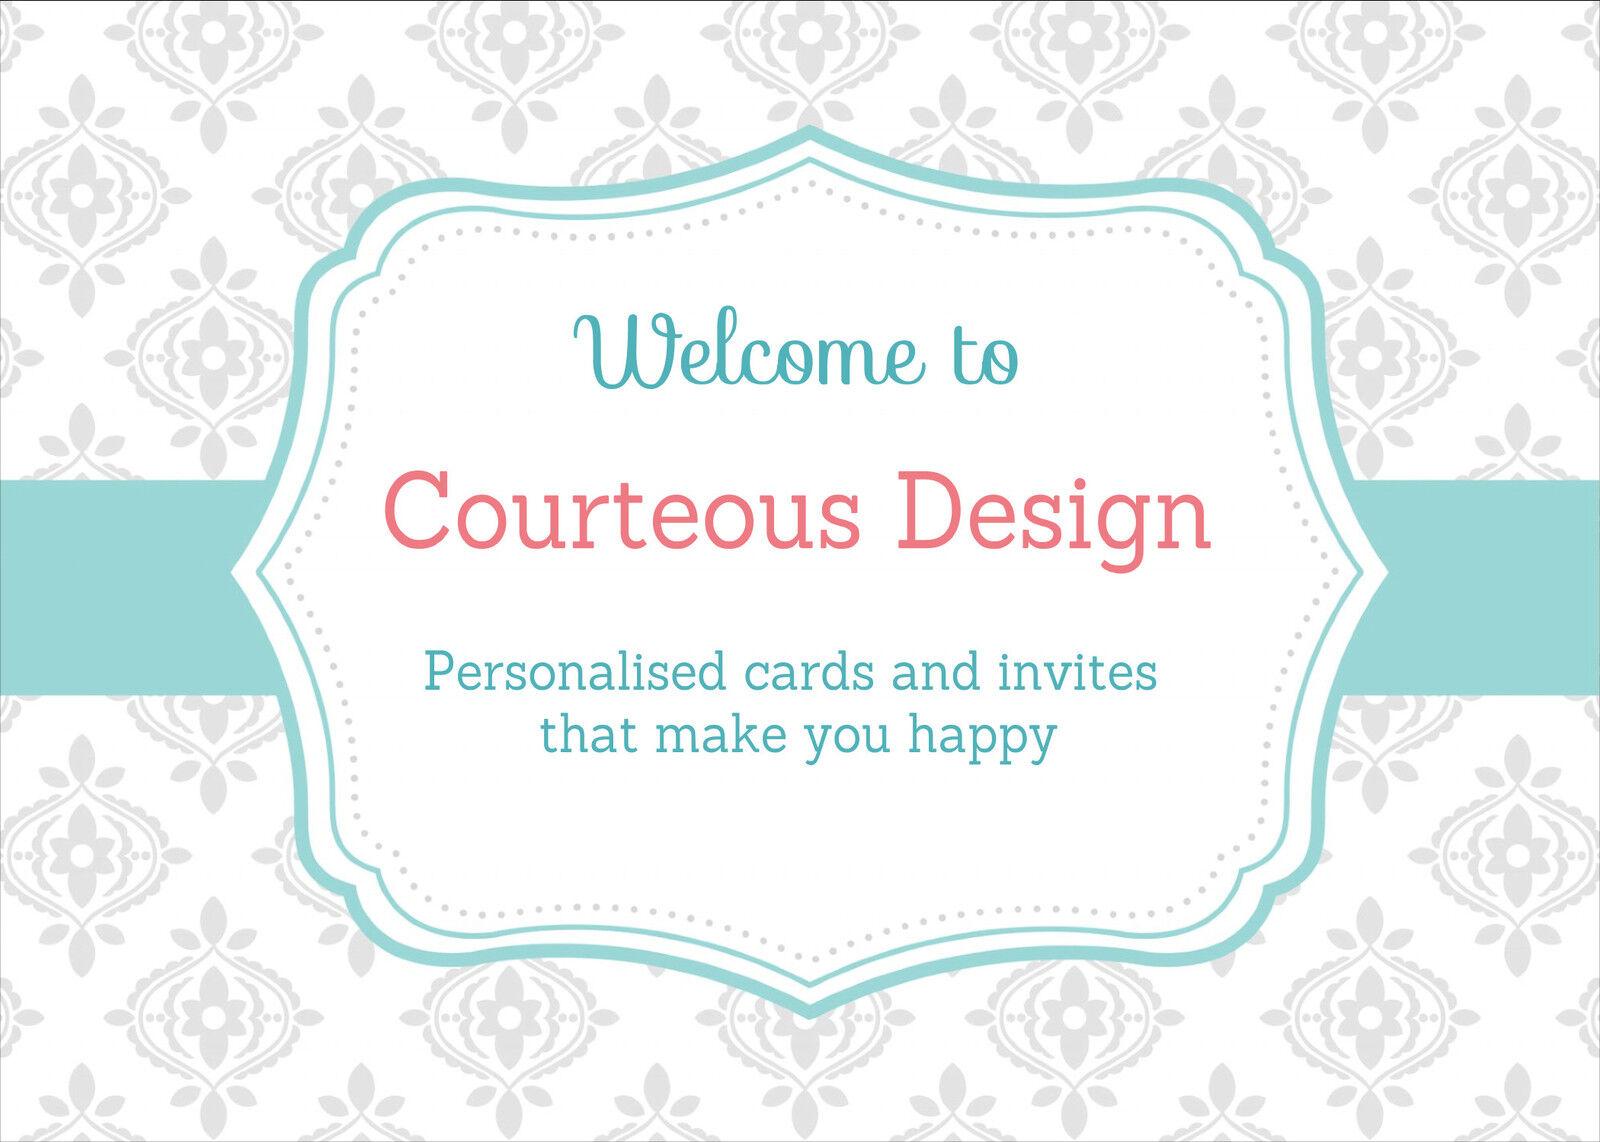 Courteous Design